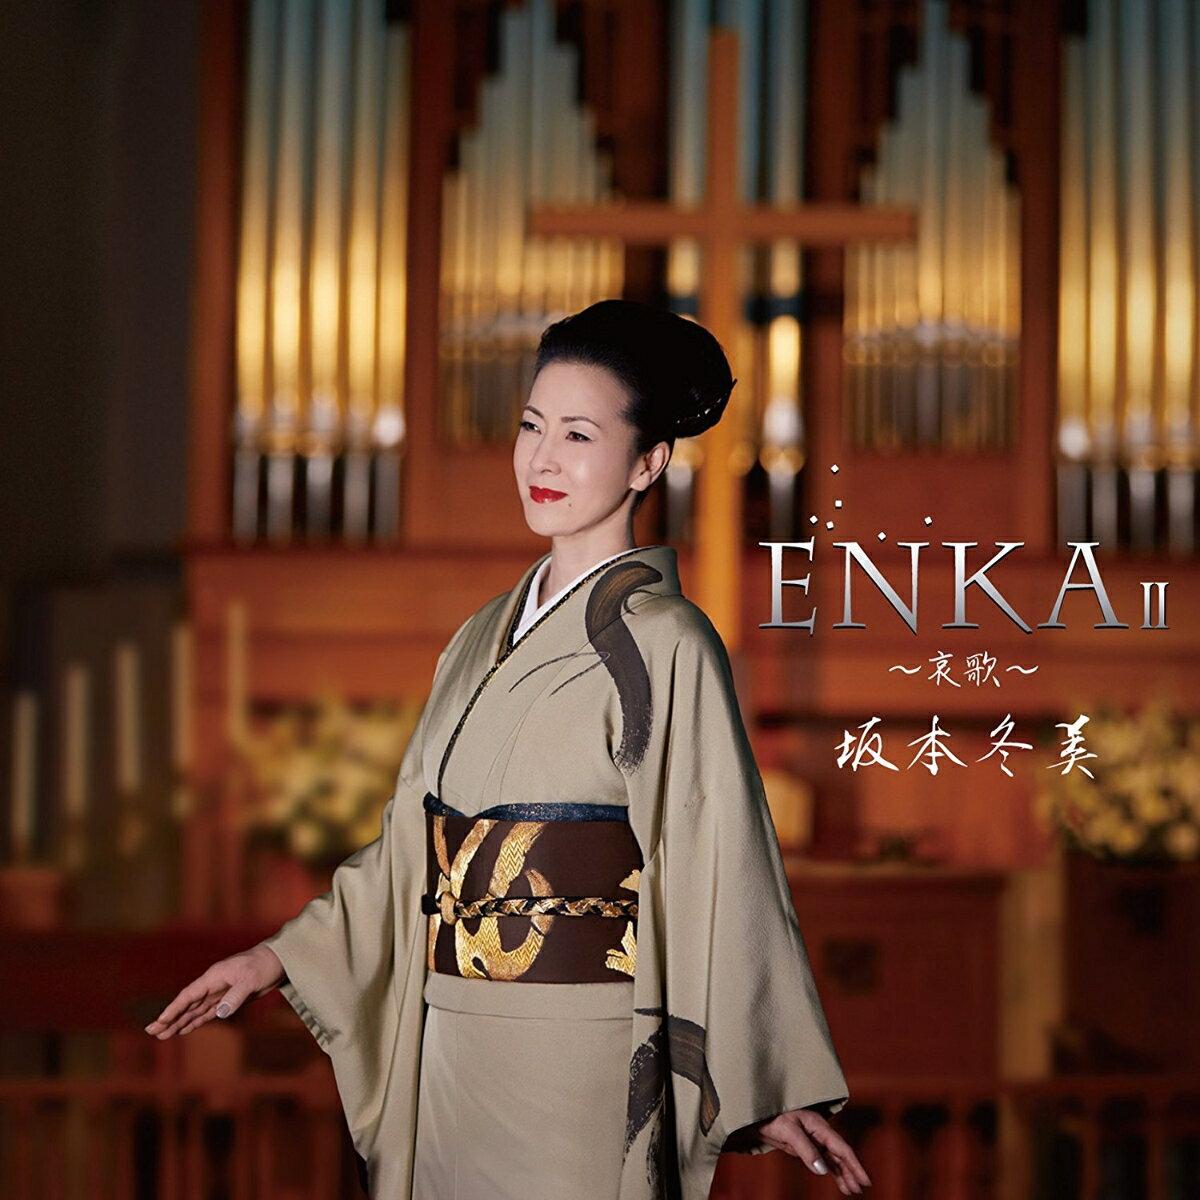 ENKA2 〜哀歌〜 [ 坂本冬美 ]